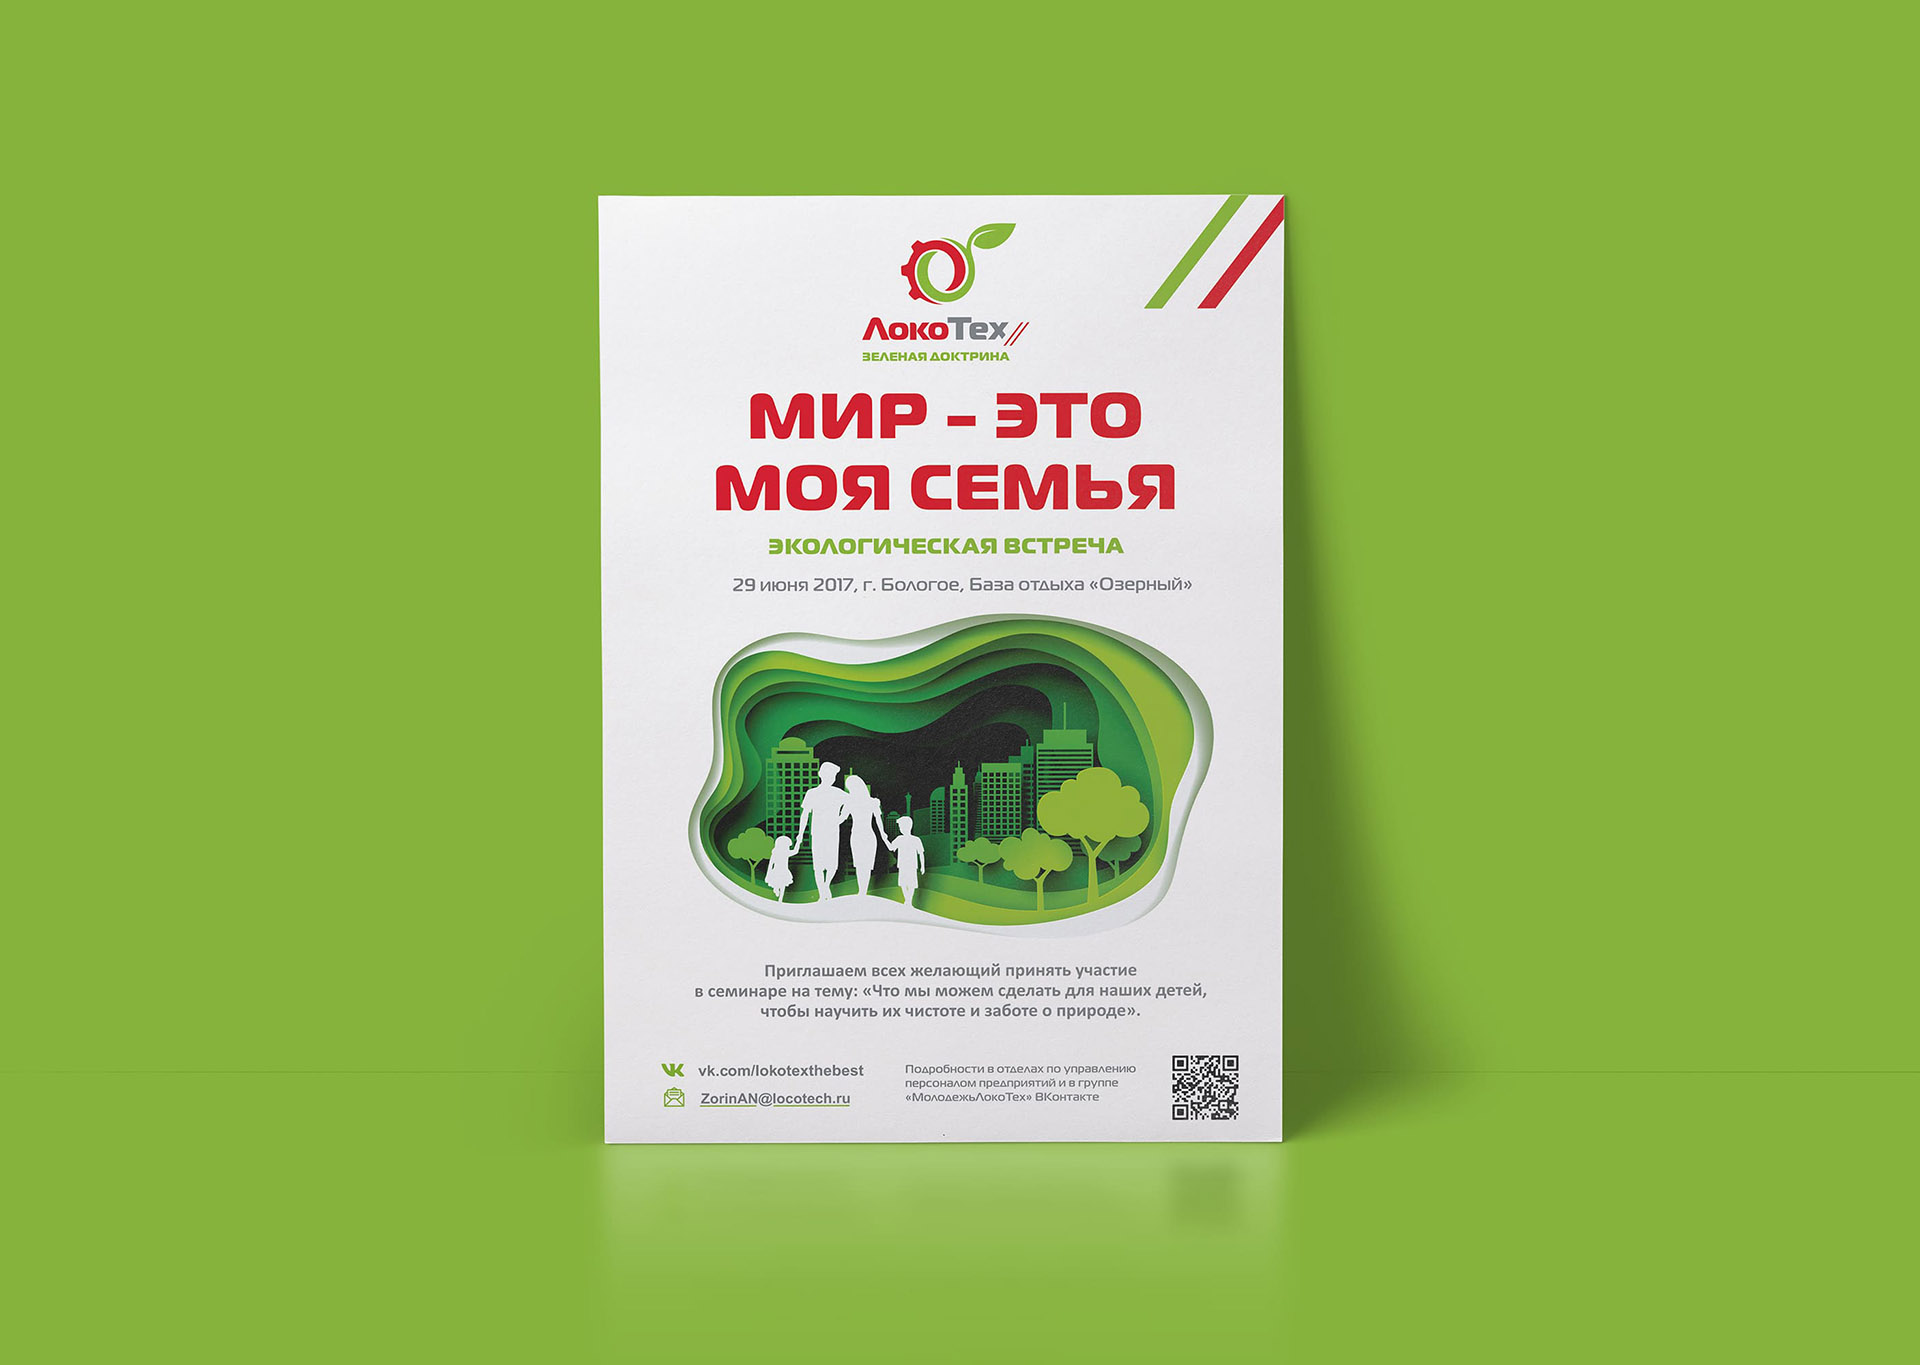 Дизайн плаката эко организации